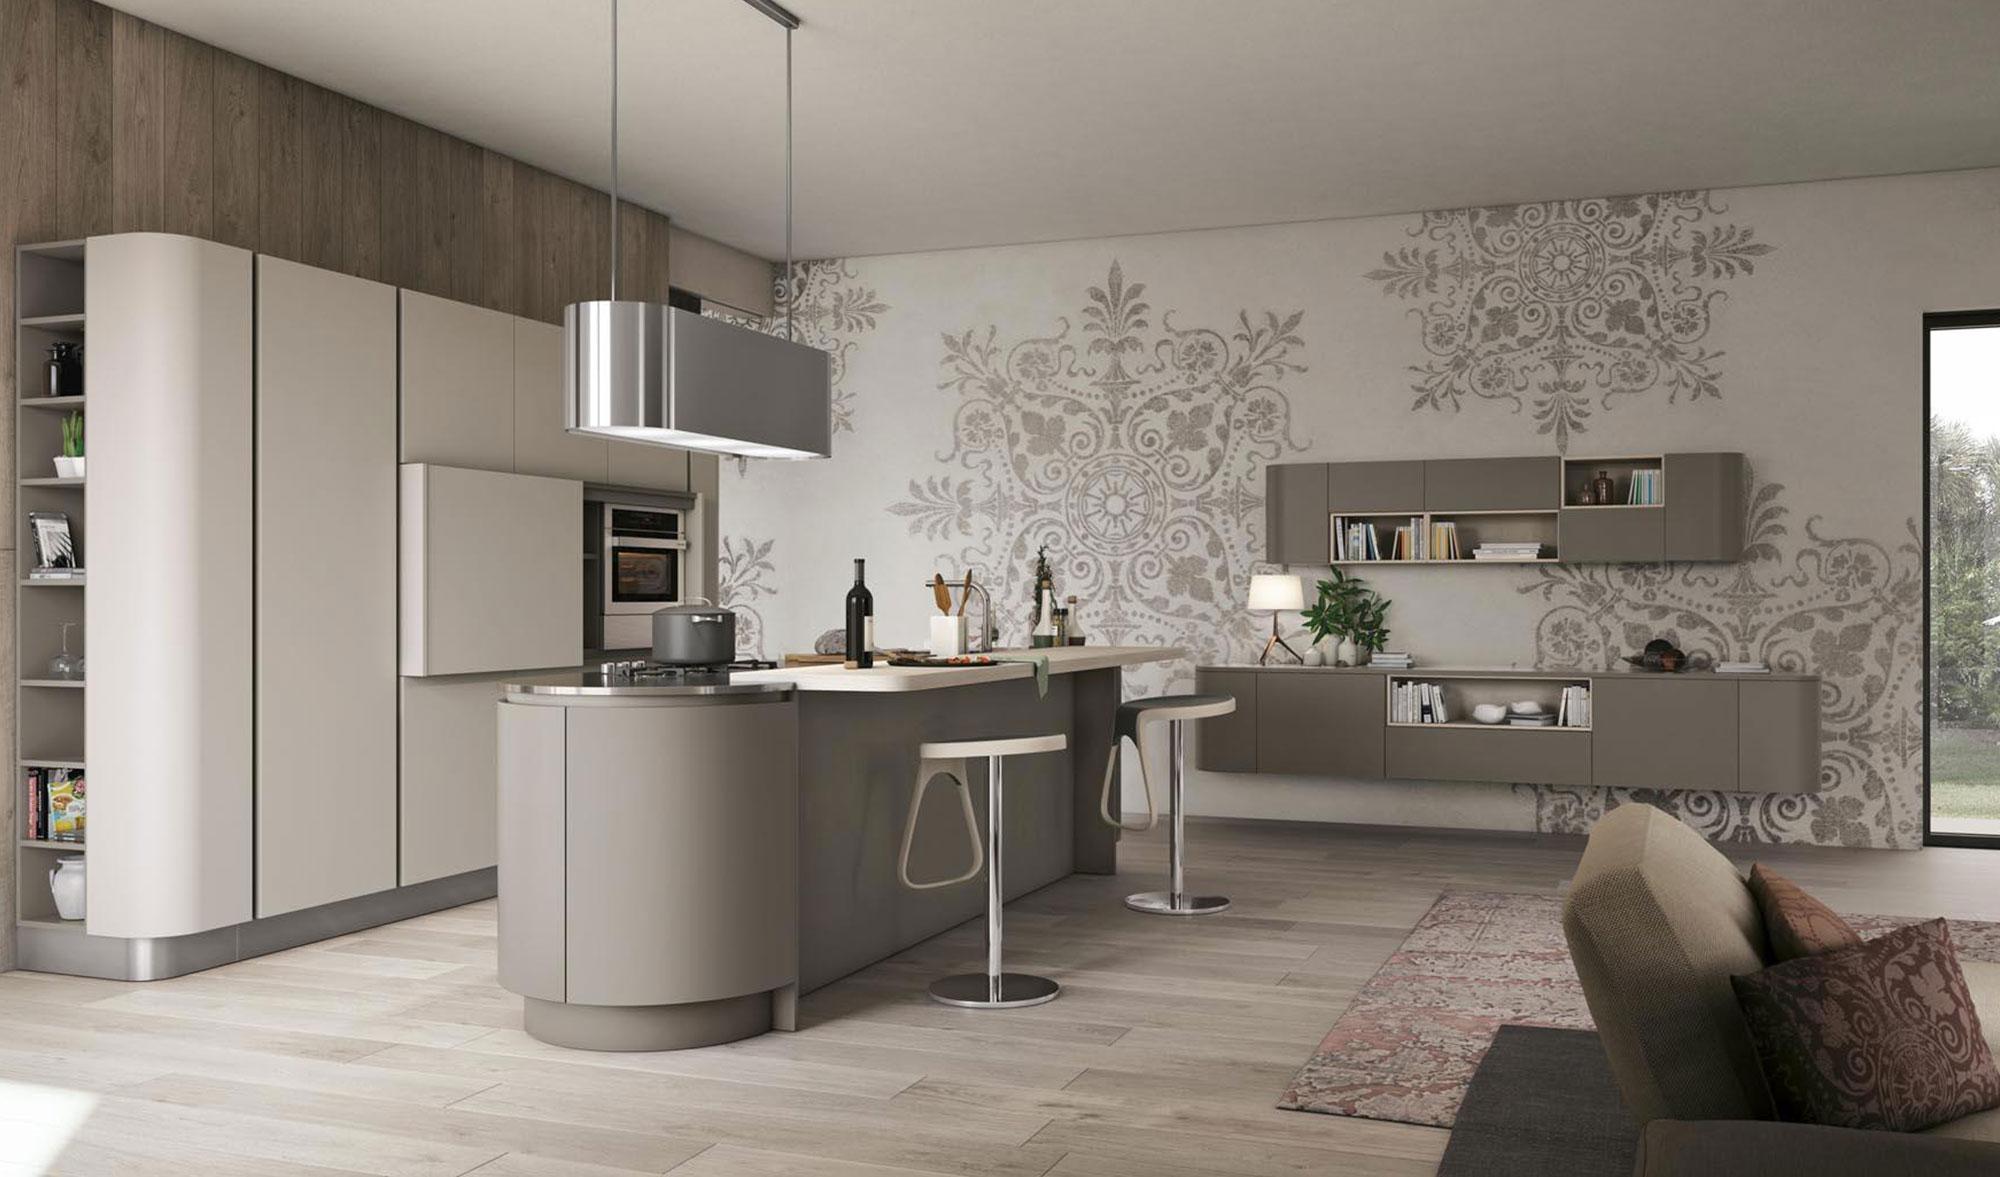 Cucine lube novit 2017 arredo spazio casa - Cucine lube 2017 ...